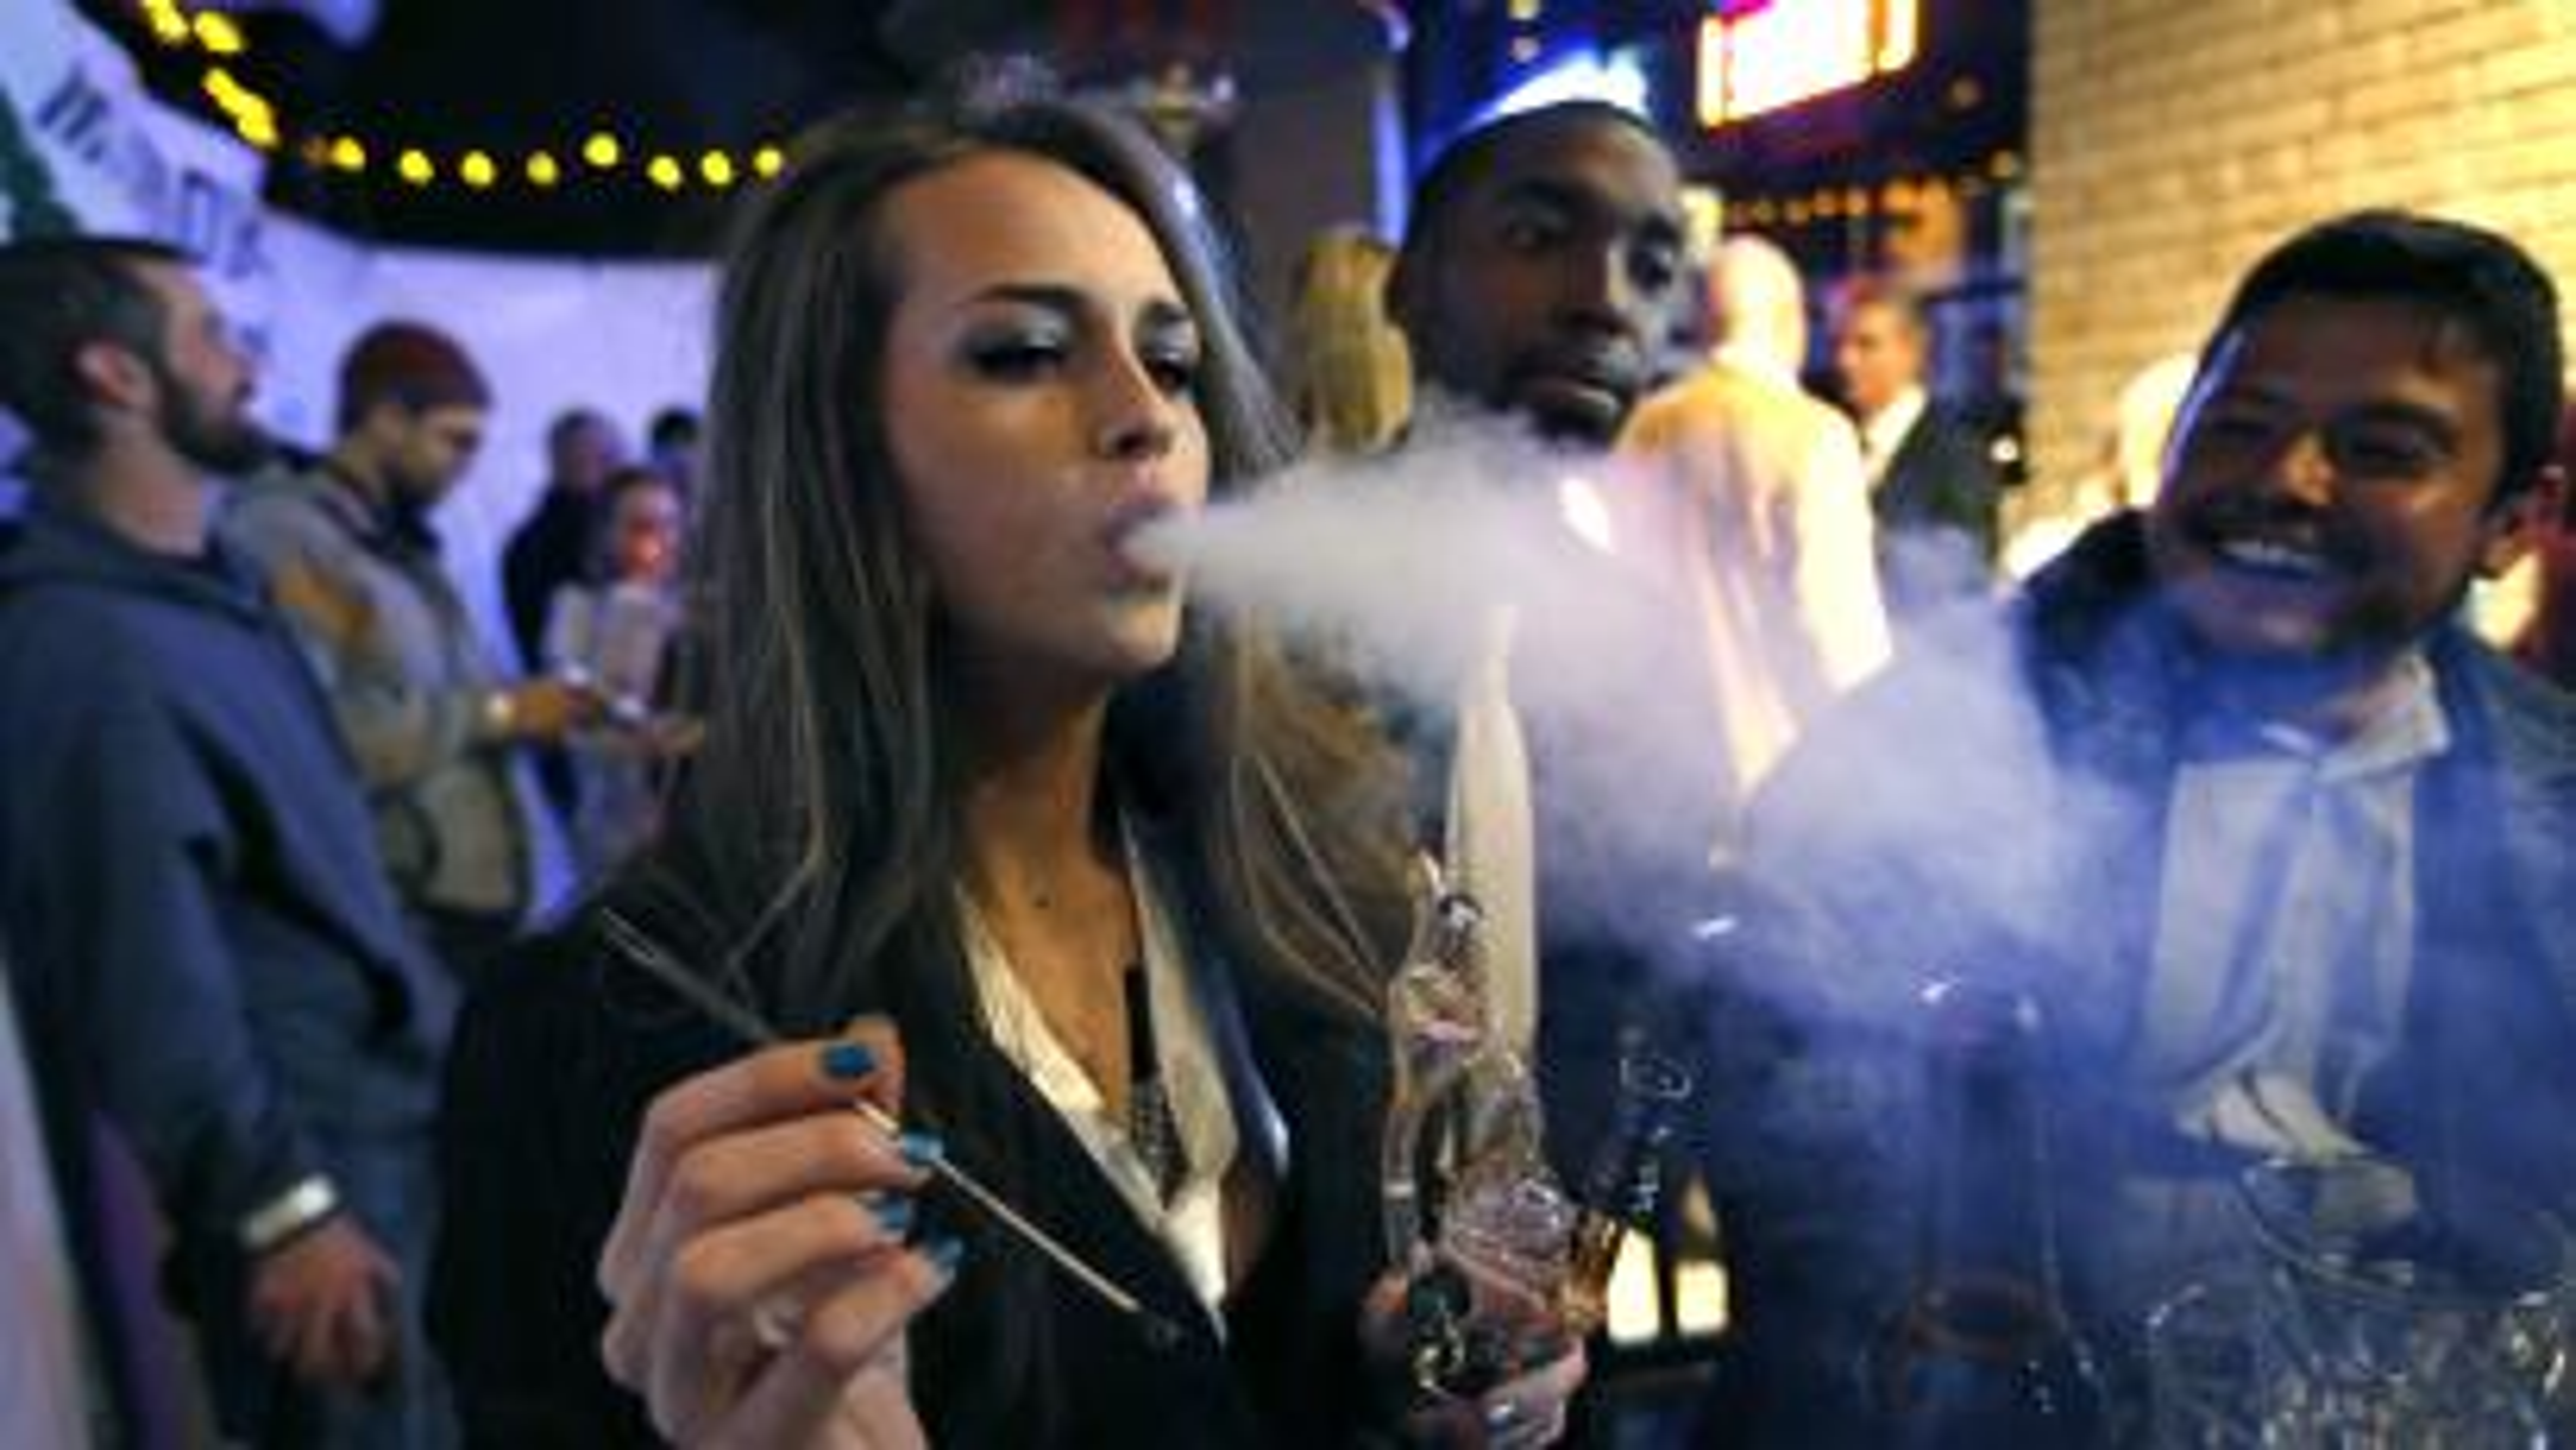 A woman smoking pot.